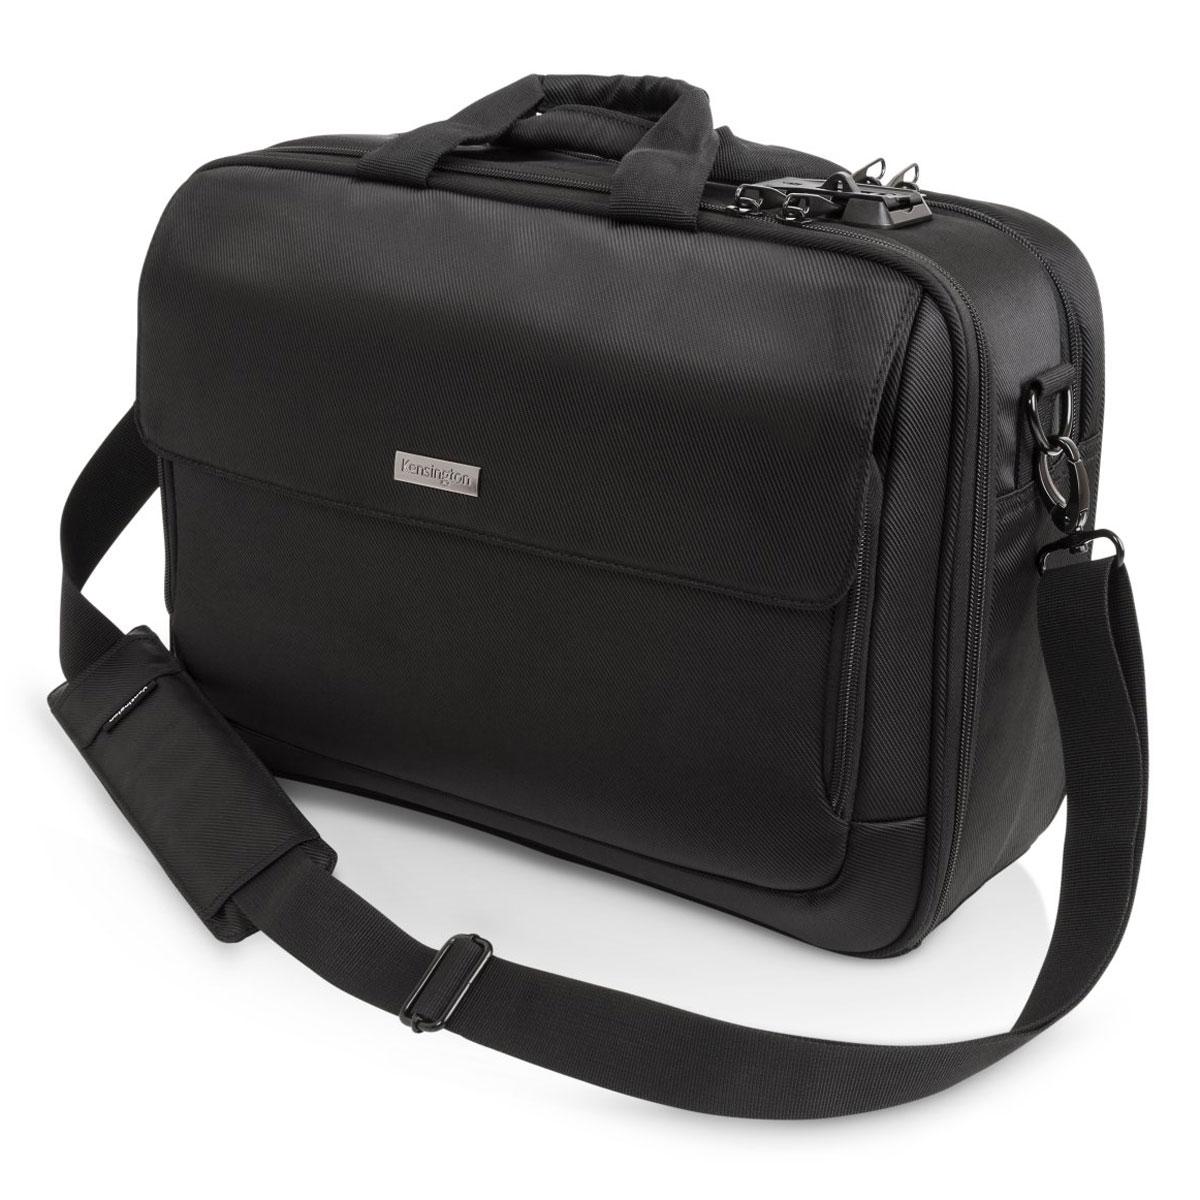 """Sac, sacoche, housse Kensington SecureTrek 15.6"""" Sacoche professionnelle avec système de verrouillage SecureTrek pour ordinateur portable (jusqu'à 15.6'') et tablette (jusqu'à 10'')"""